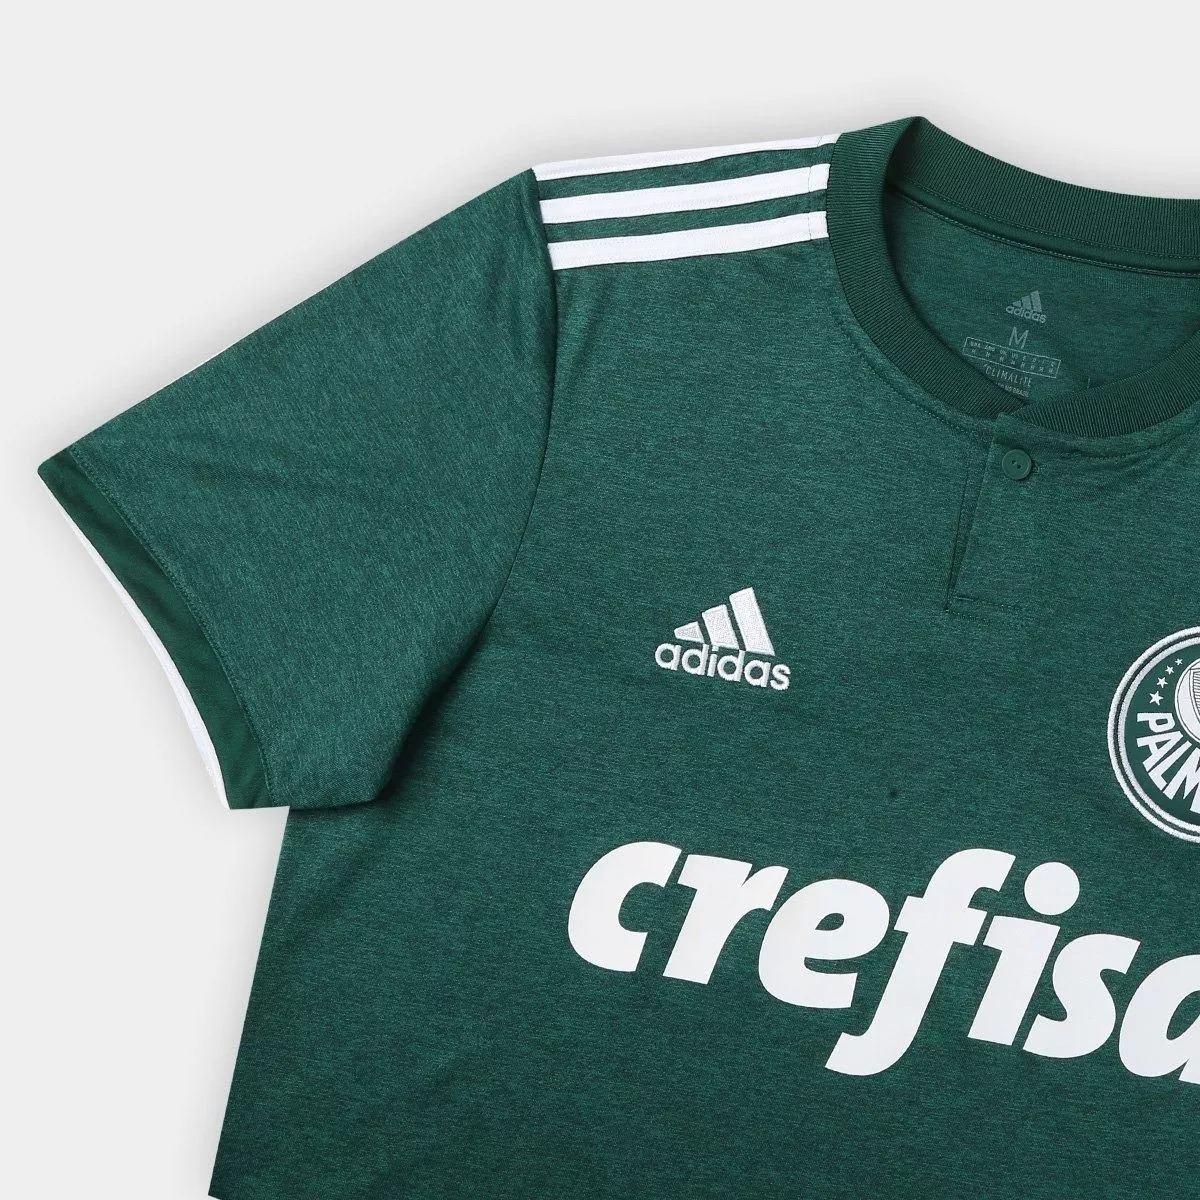 nova camiseta oficial palmeiras 2018 19 adidas super promoçã. Carregando  zoom. fa7ec6e76994a